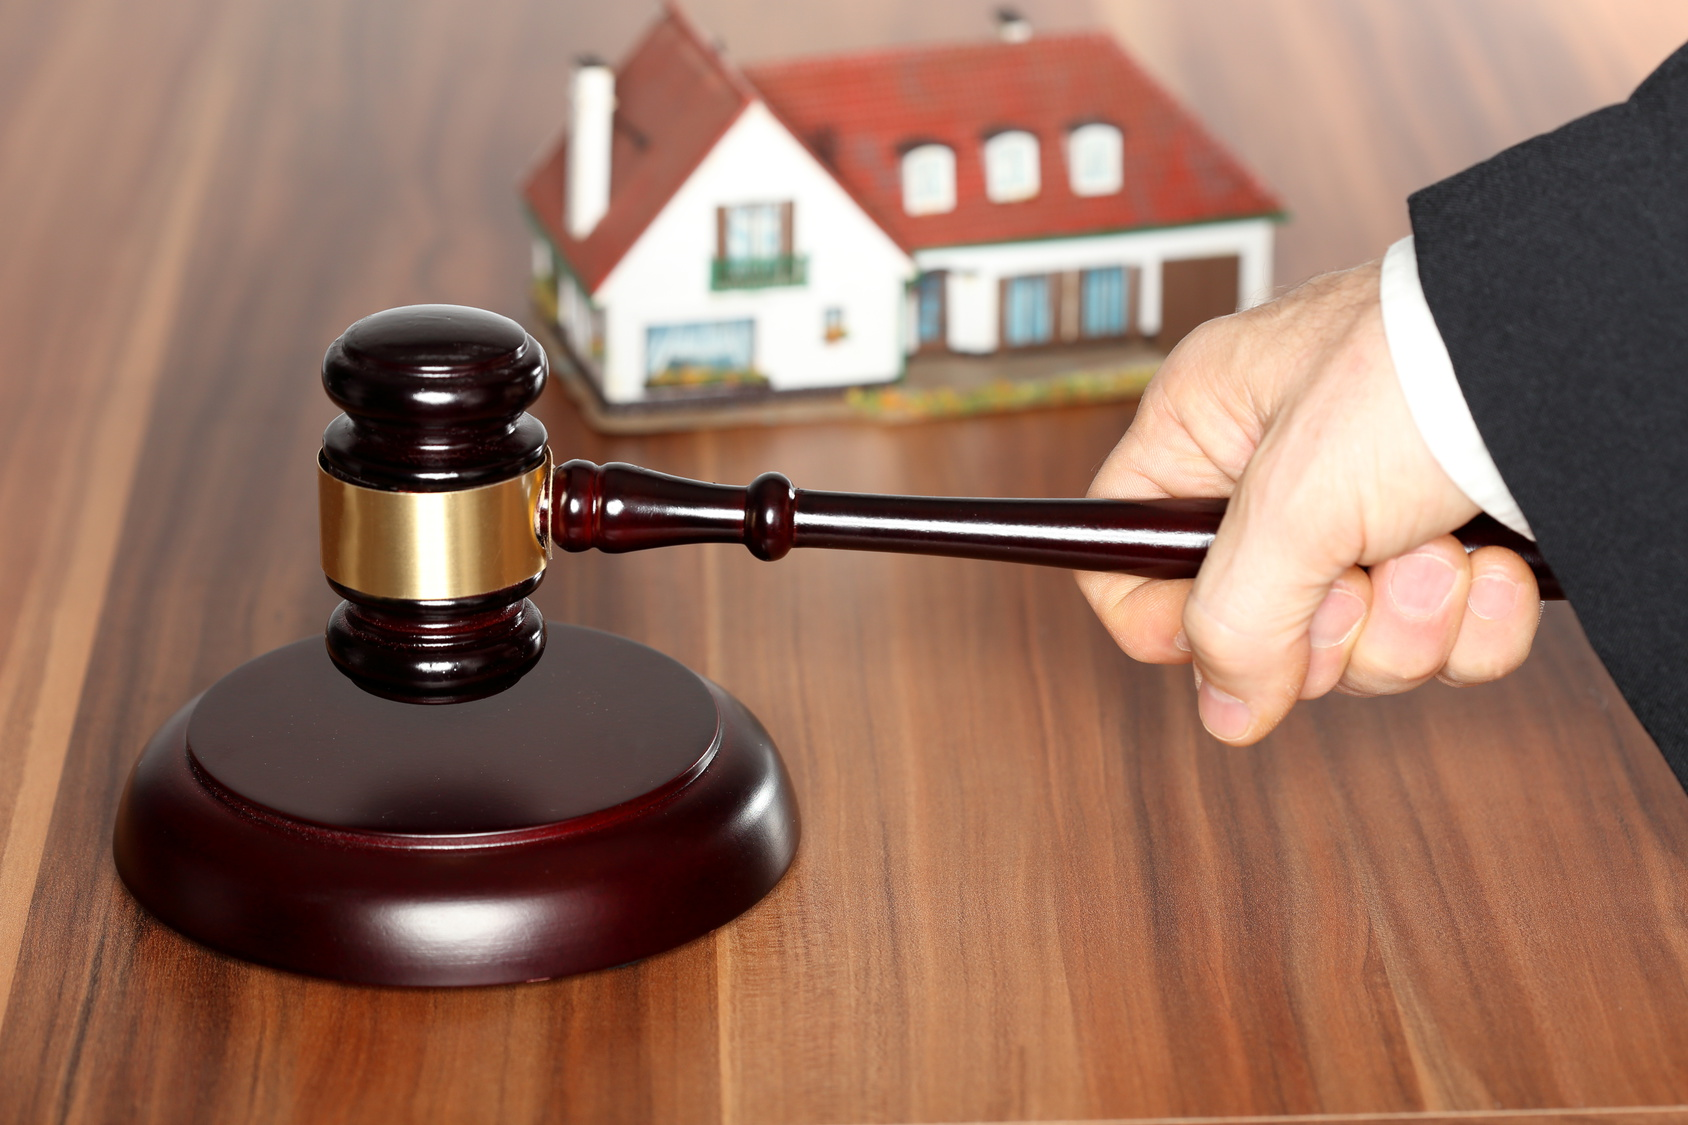 Des ventes immobilières par l'intervention d'un Juge ou Notaire